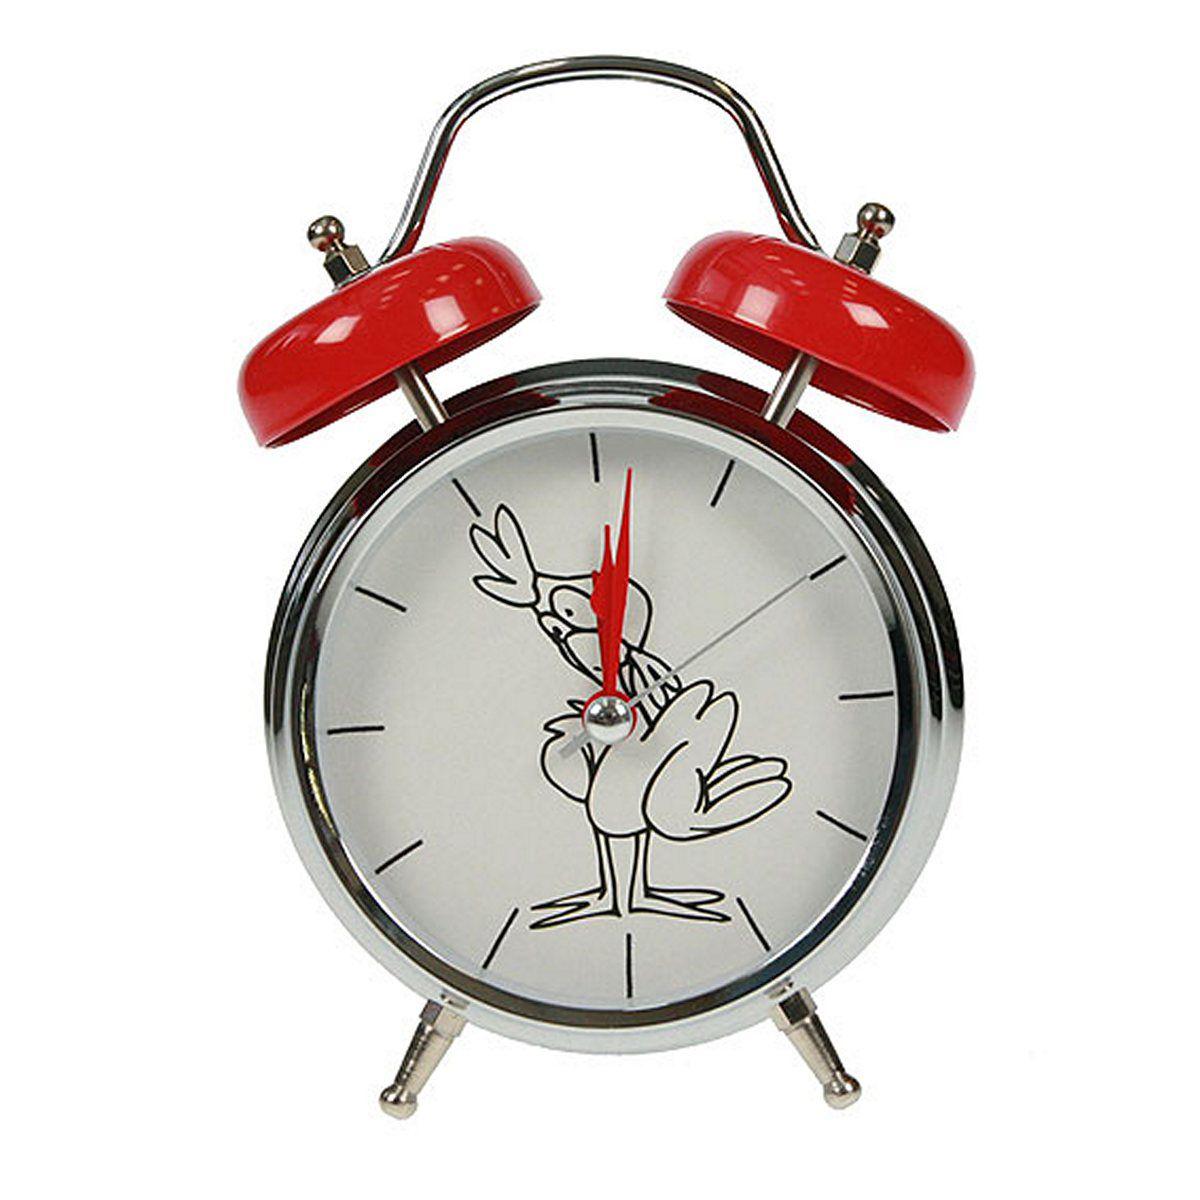 Часы настольные Русские Подарки Петух, с функцией будильника, 12 х 6 х 17 см. 23241394672Настольные кварцевые часы Русские Подарки Петух изготовлены из металла, циферблат защищен стеклом. Оригинальное оформление в виде смешного петуха поднимет настроение, а благодаря функции будильника вы проснетесь вовремя. Часы имеют три стрелки - часовую, минутную и секундную.Такие часы украсят интерьер дома или рабочий стол в офисе. Также часы могут стать уникальным, полезным подарком для родственников, коллег, знакомых и близких.Часы работают от батареек типа АА (в комплект не входят).